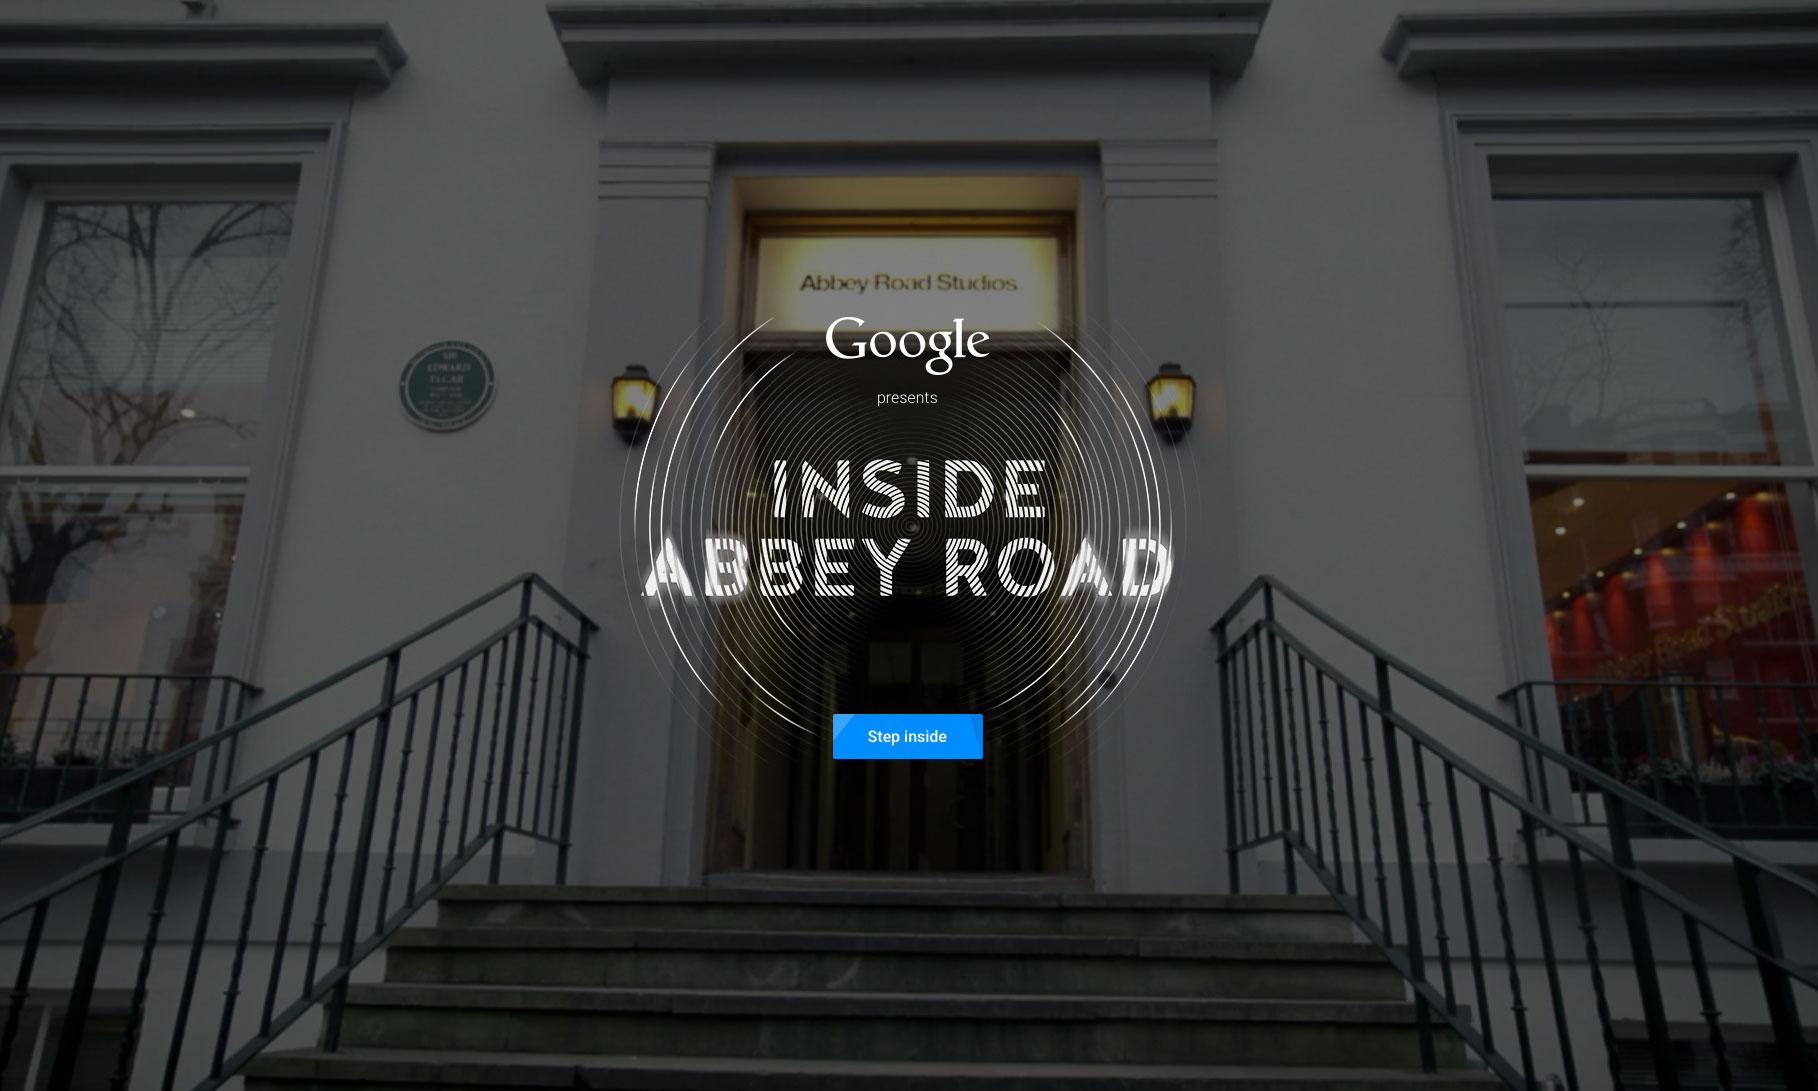 Google Inside Abbey Road